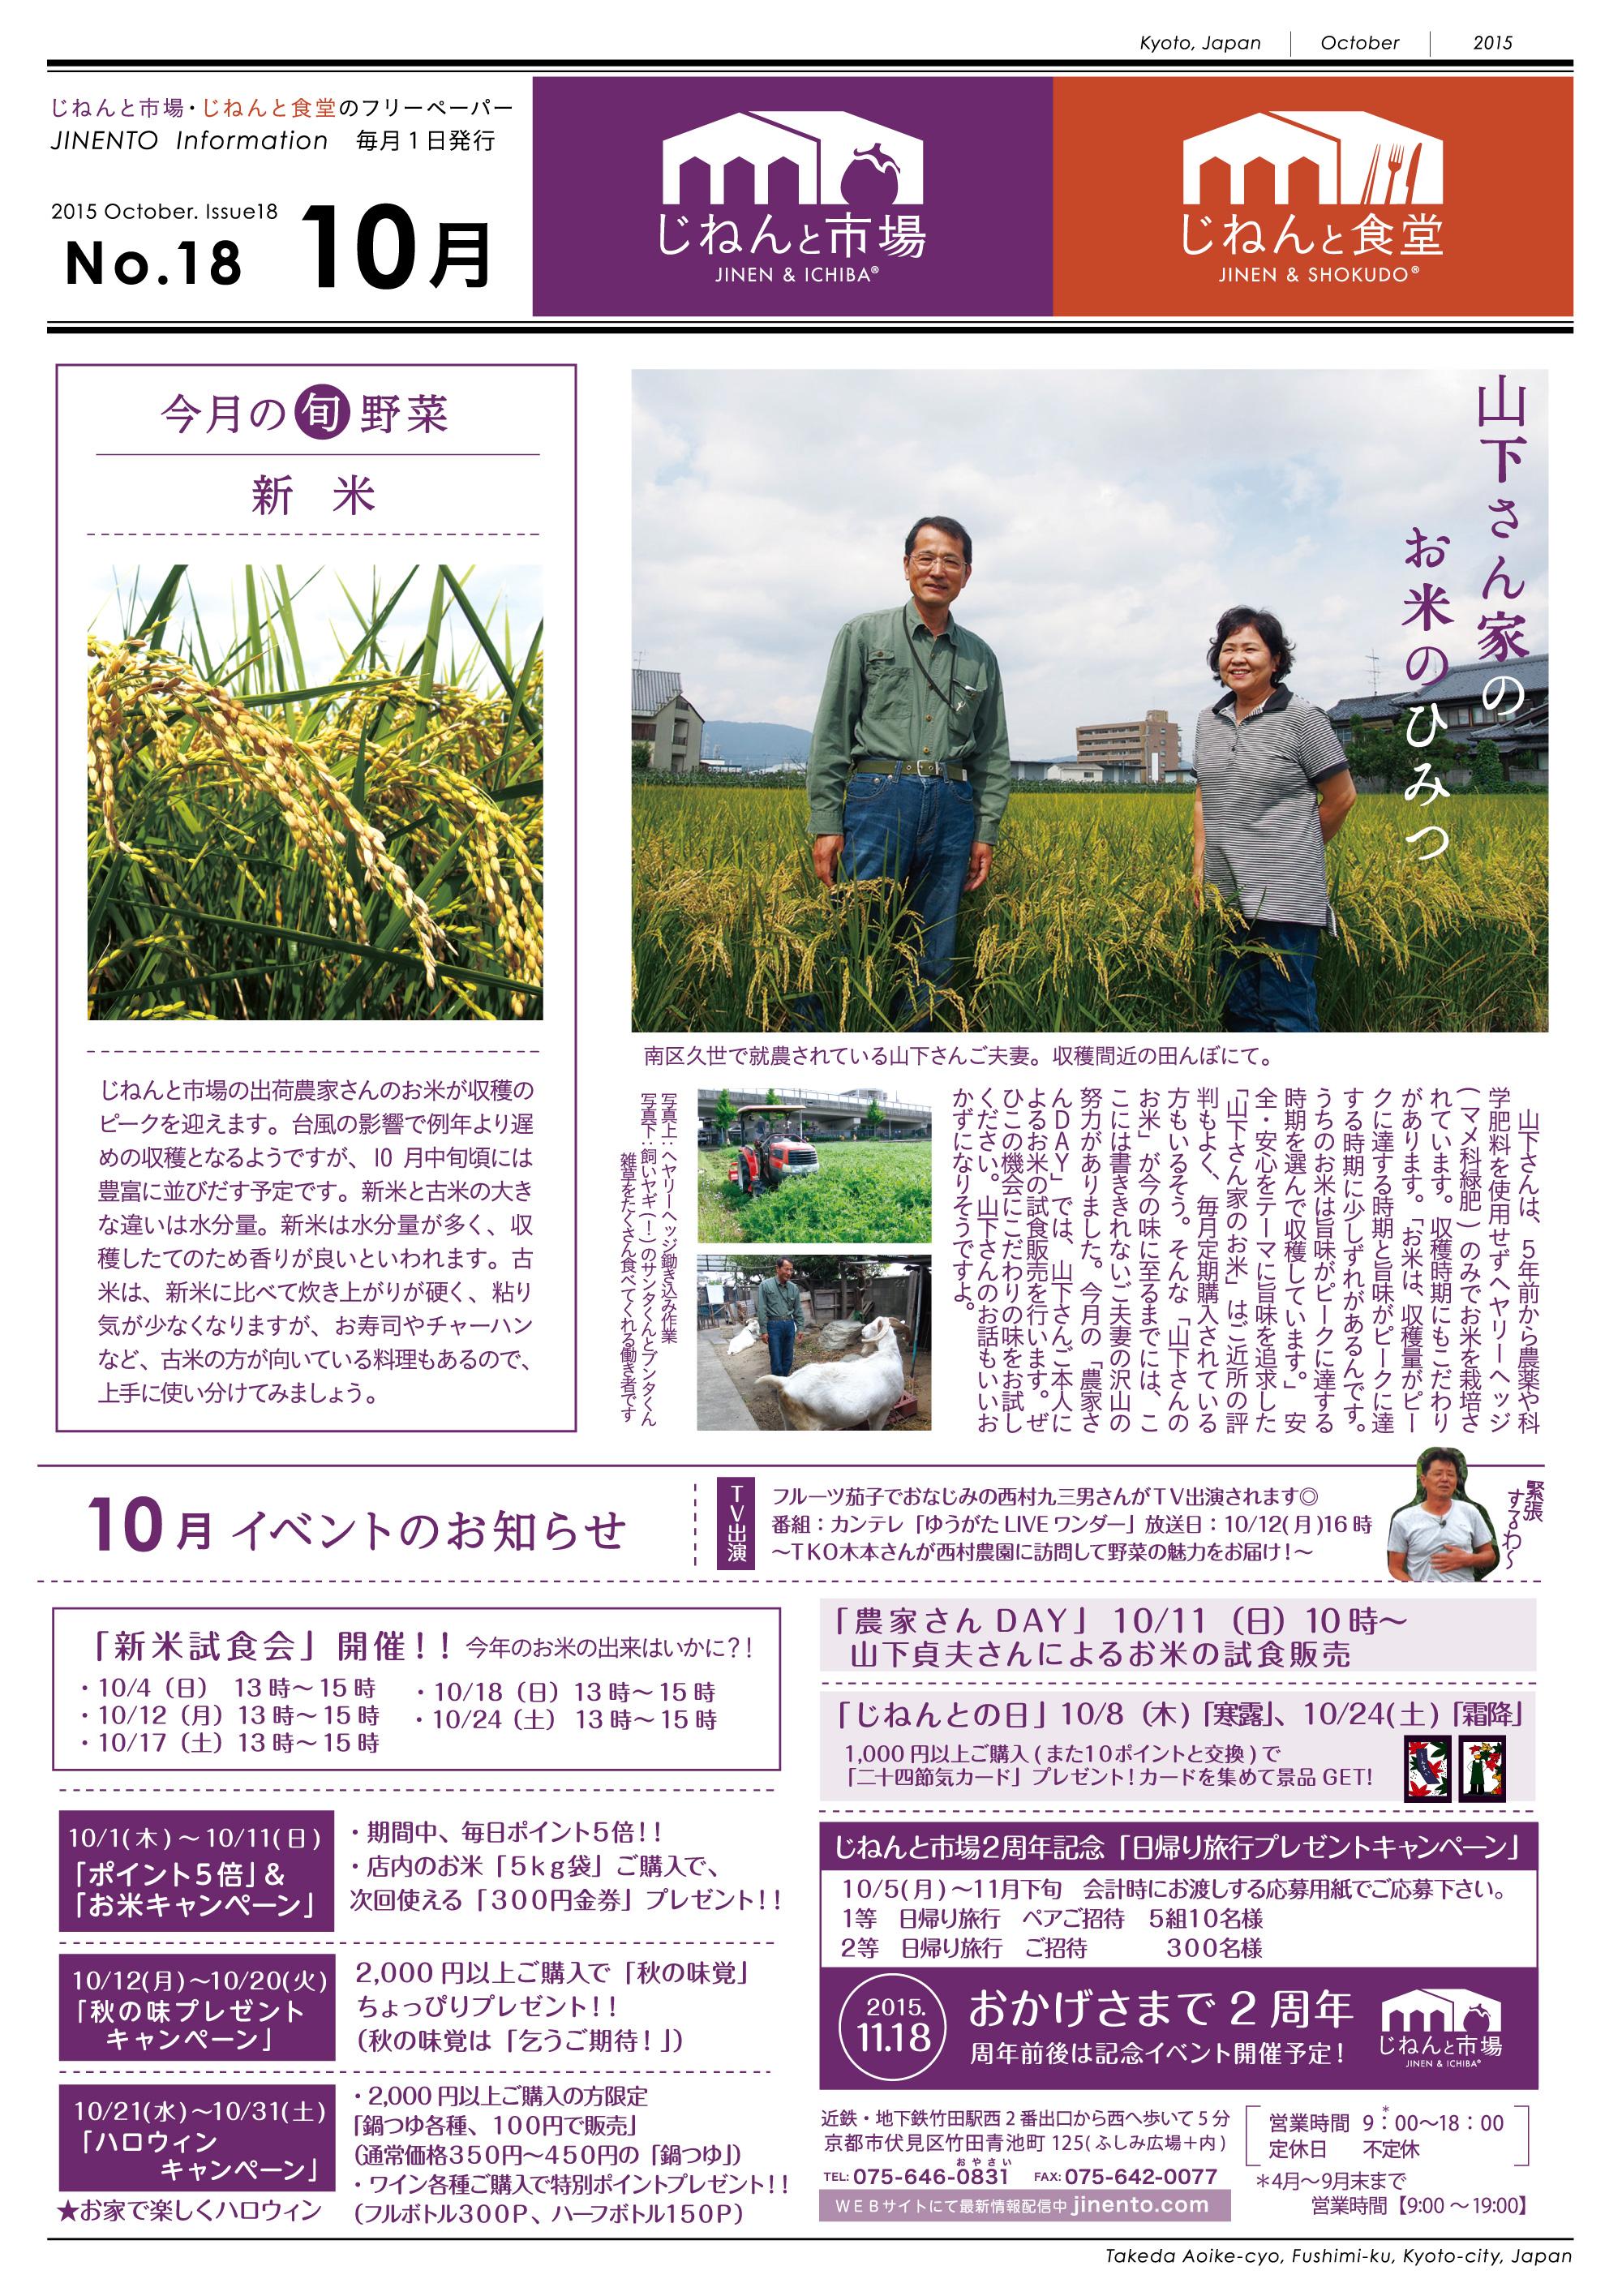 No18_じねんと新聞H27_10月号